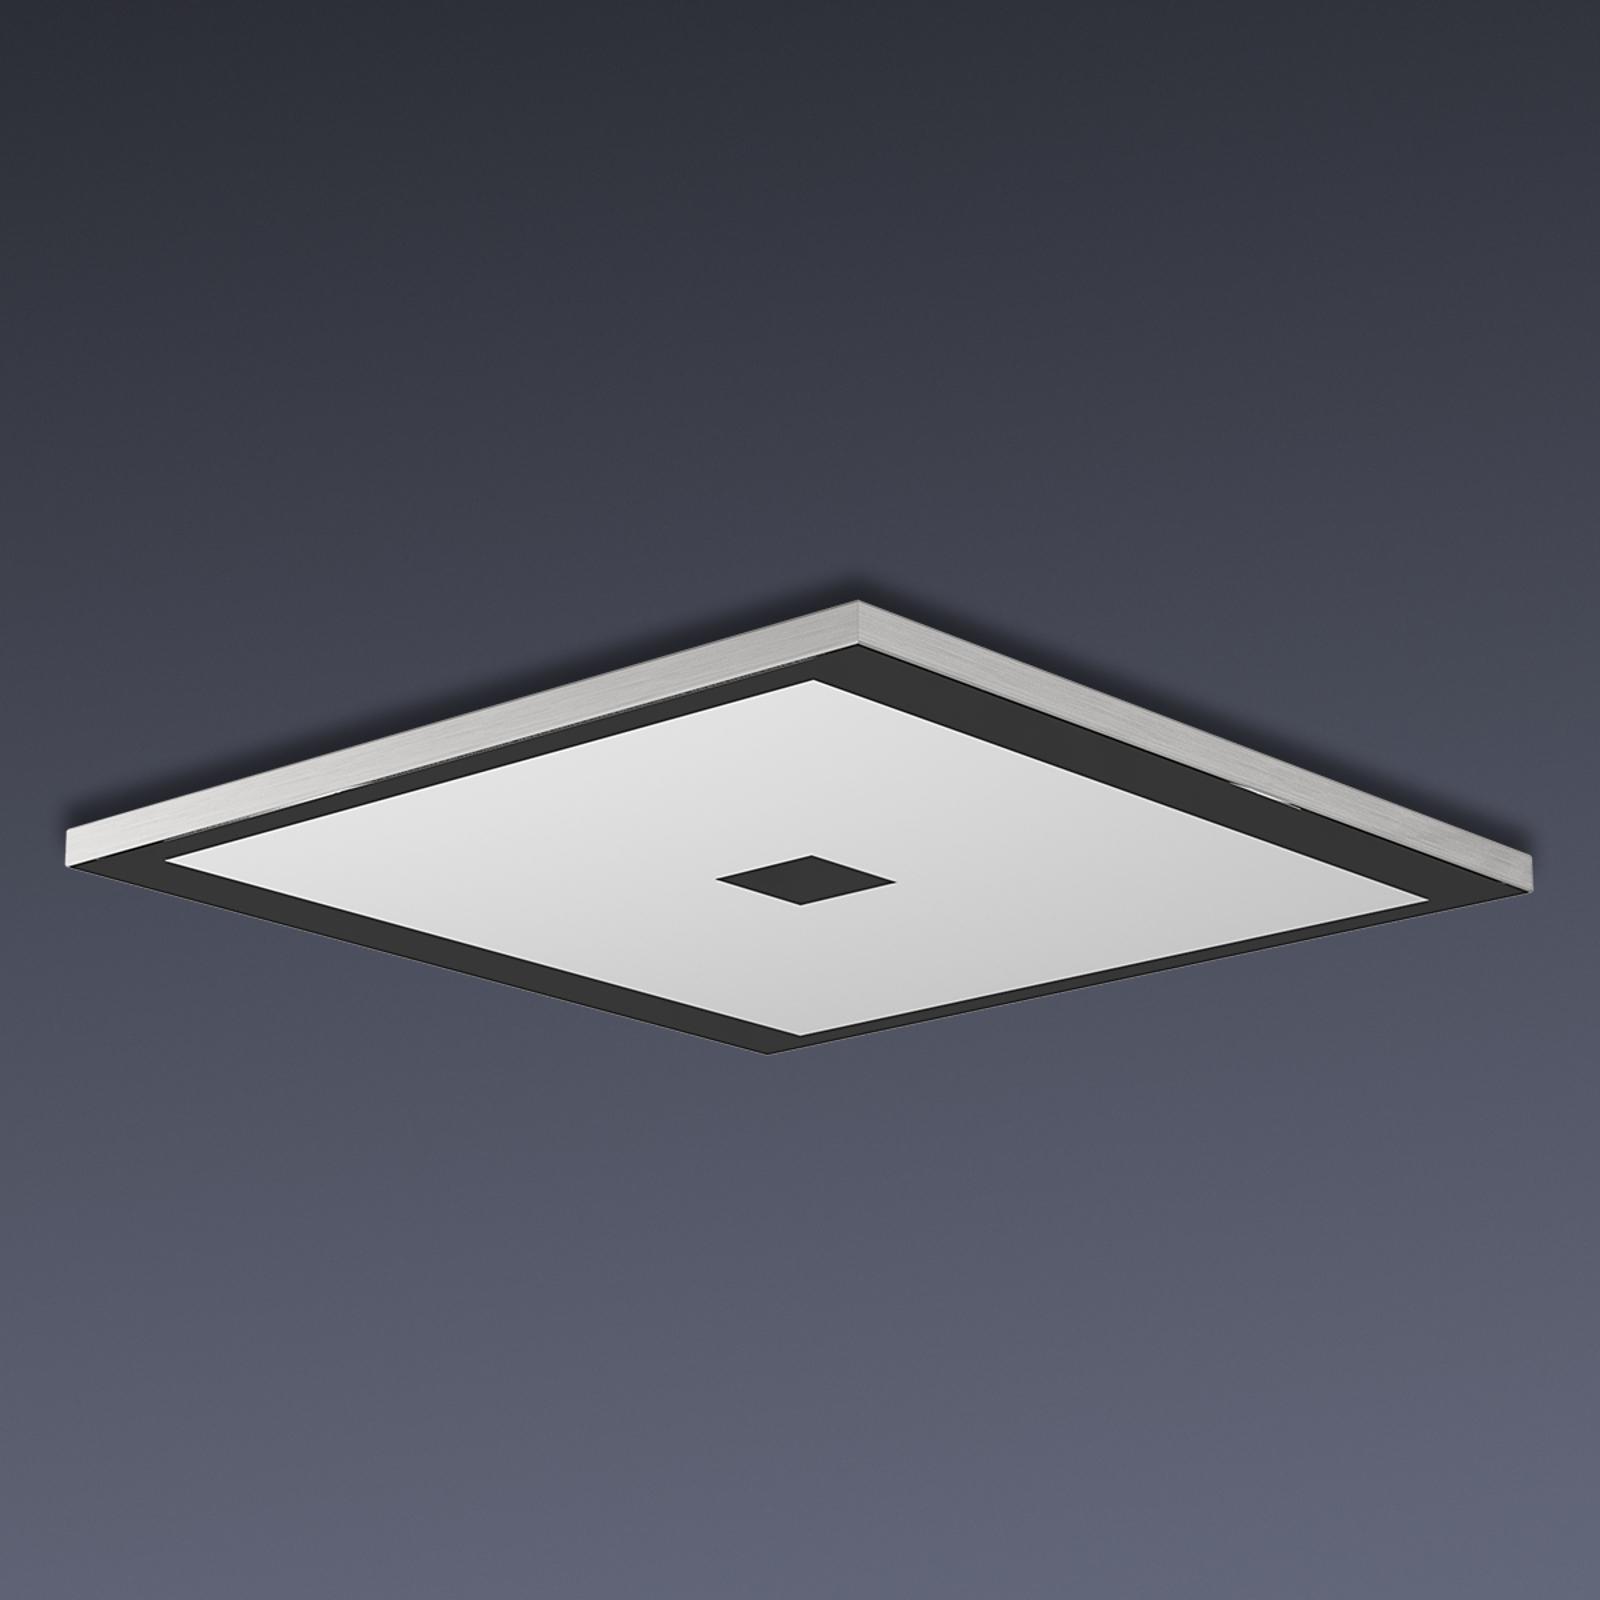 Square LED ceiling light Zen - colour control_3025230_1